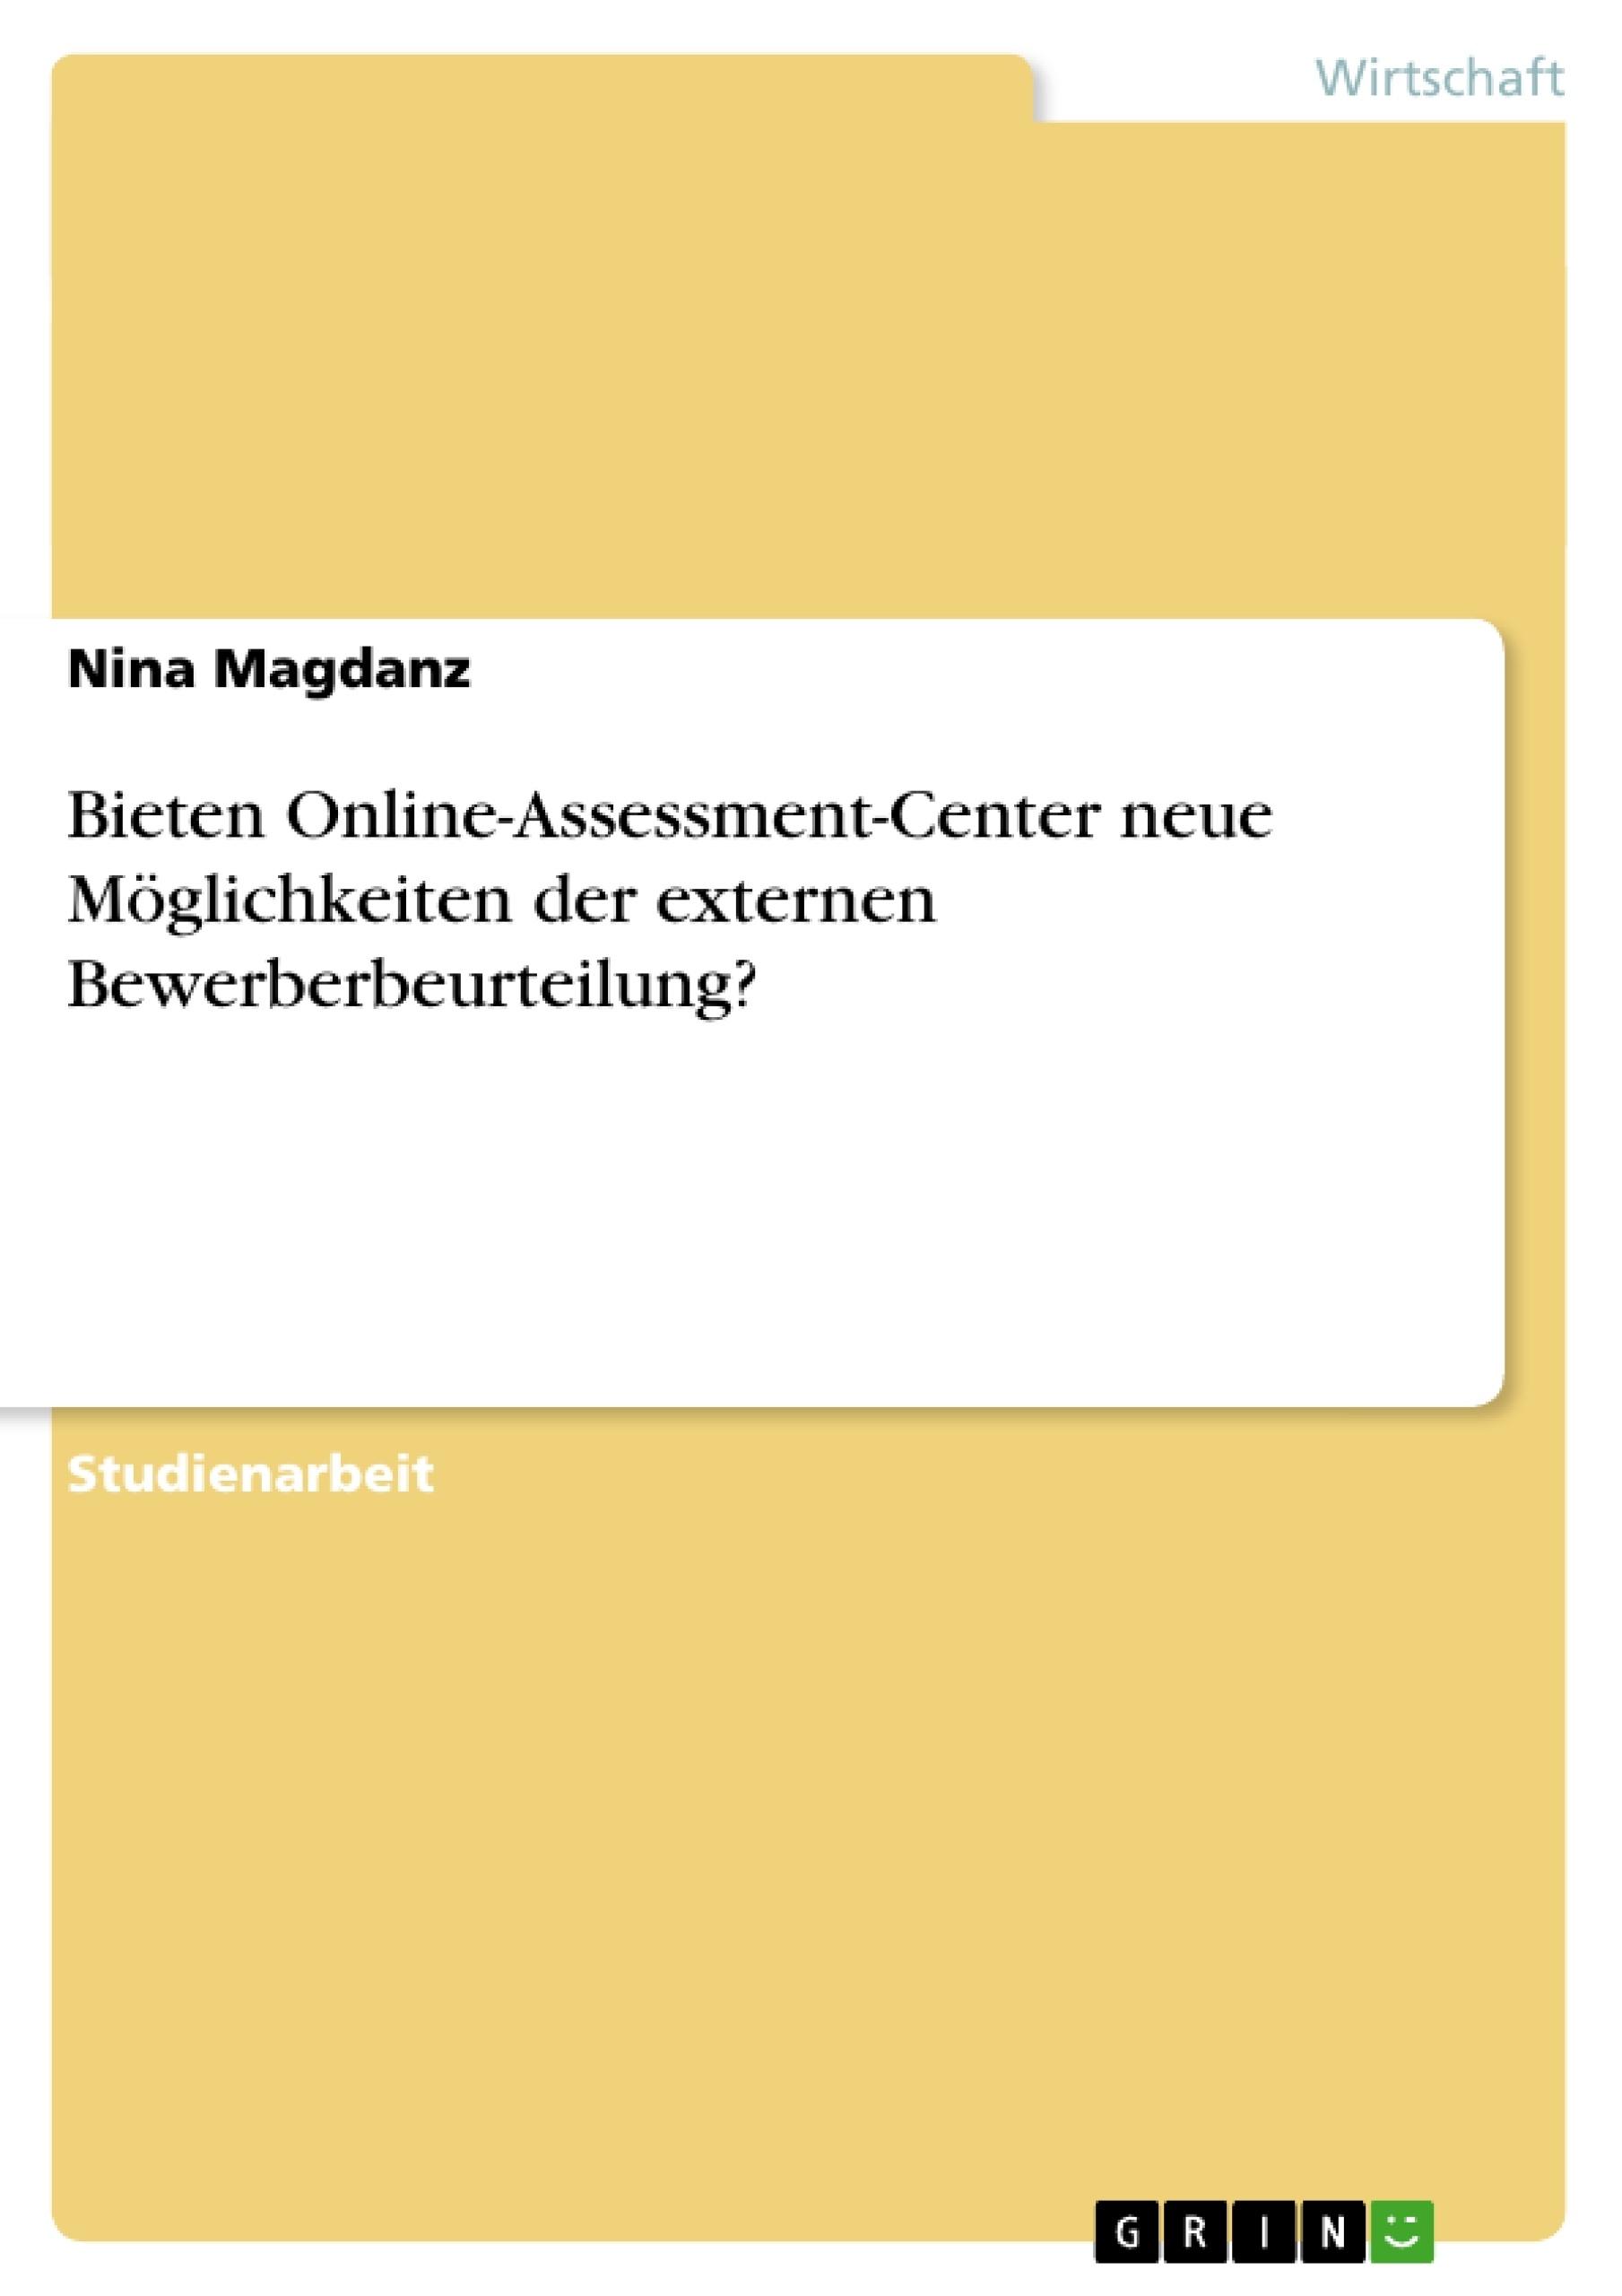 Titel: Bieten Online-Assessment-Center neue Möglichkeiten der externen Bewerberbeurteilung?